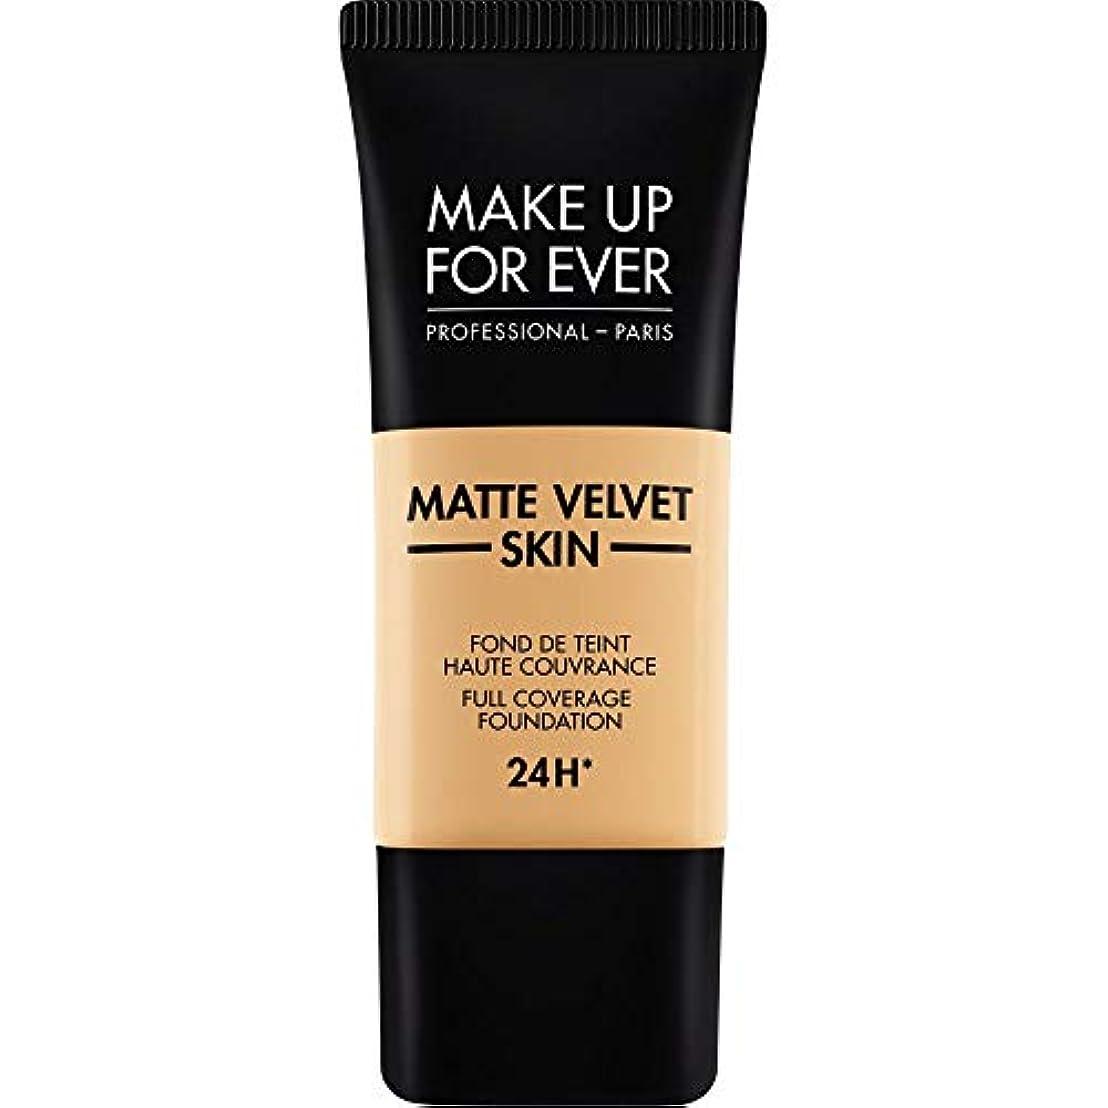 ドロップ十一割合[MAKE UP FOR EVER ] ナチュラルベージュ - これまでマットベルベットの皮膚のフルカバレッジ基礎30ミリリットルのY345を補います - MAKE UP FOR EVER Matte Velvet Skin...